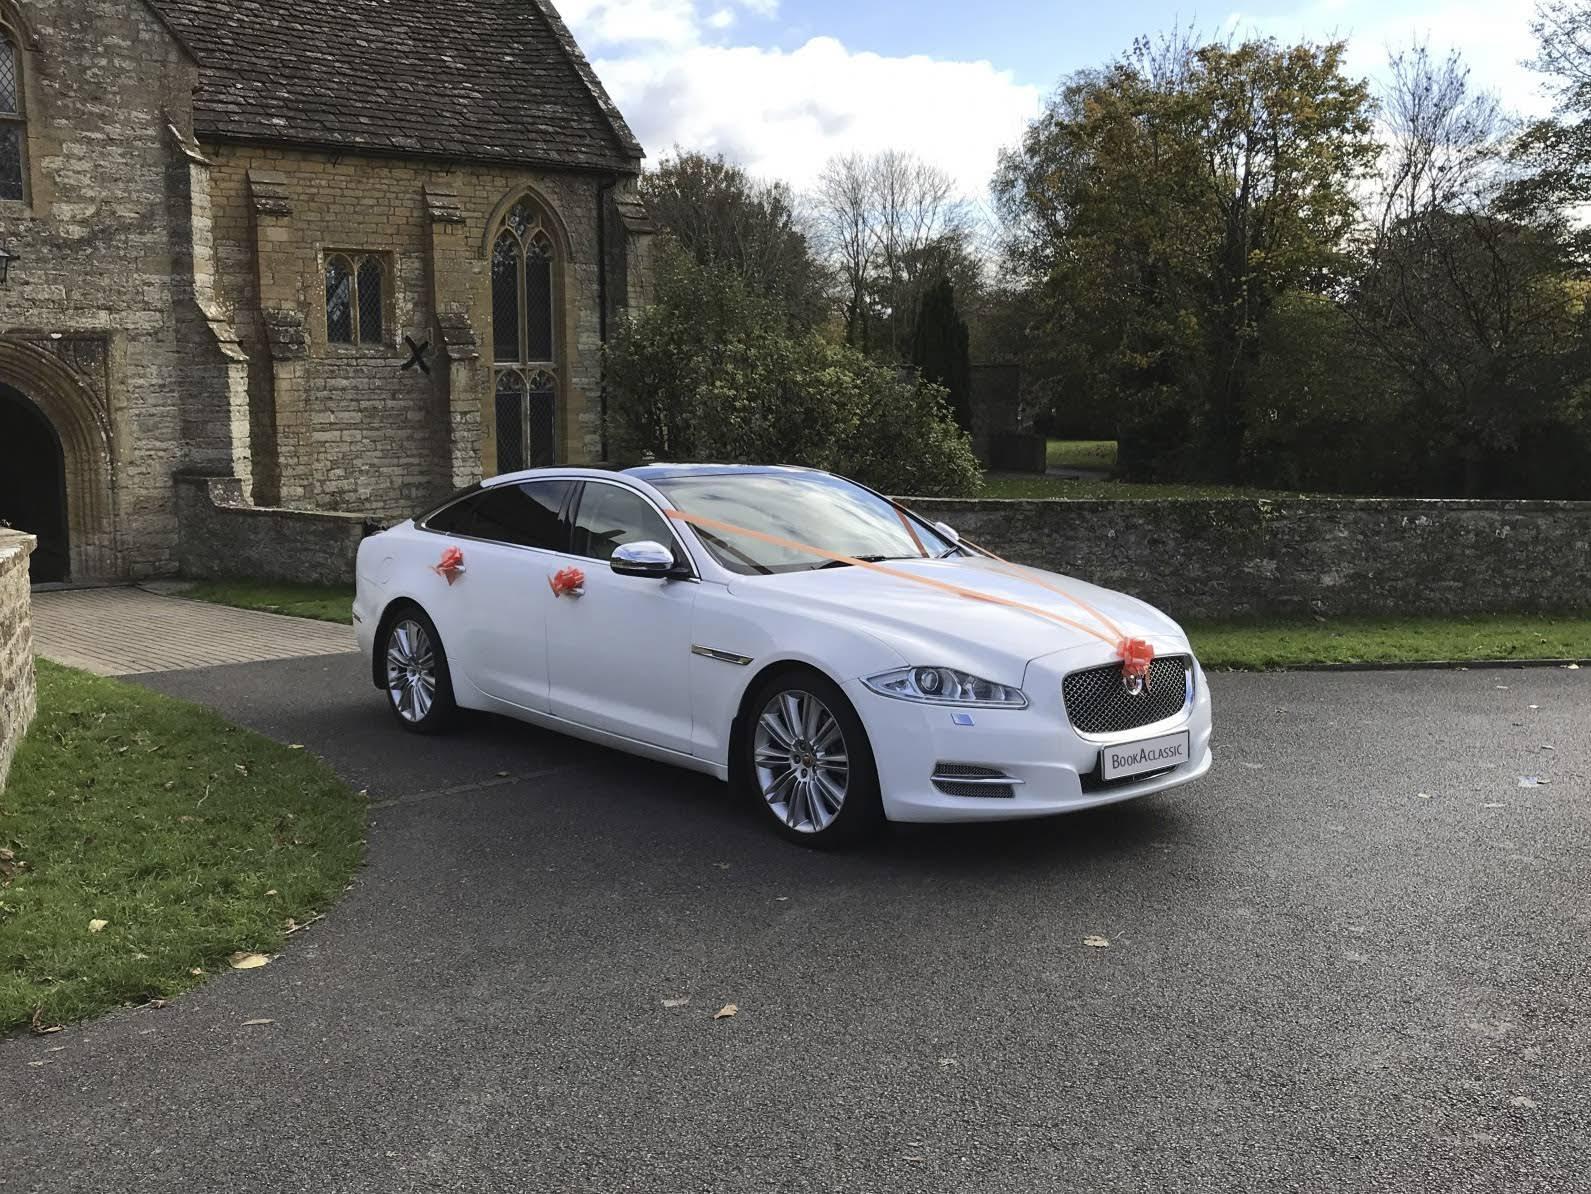 Jaguar Xj L For Hire In Bideford Bookaclassic